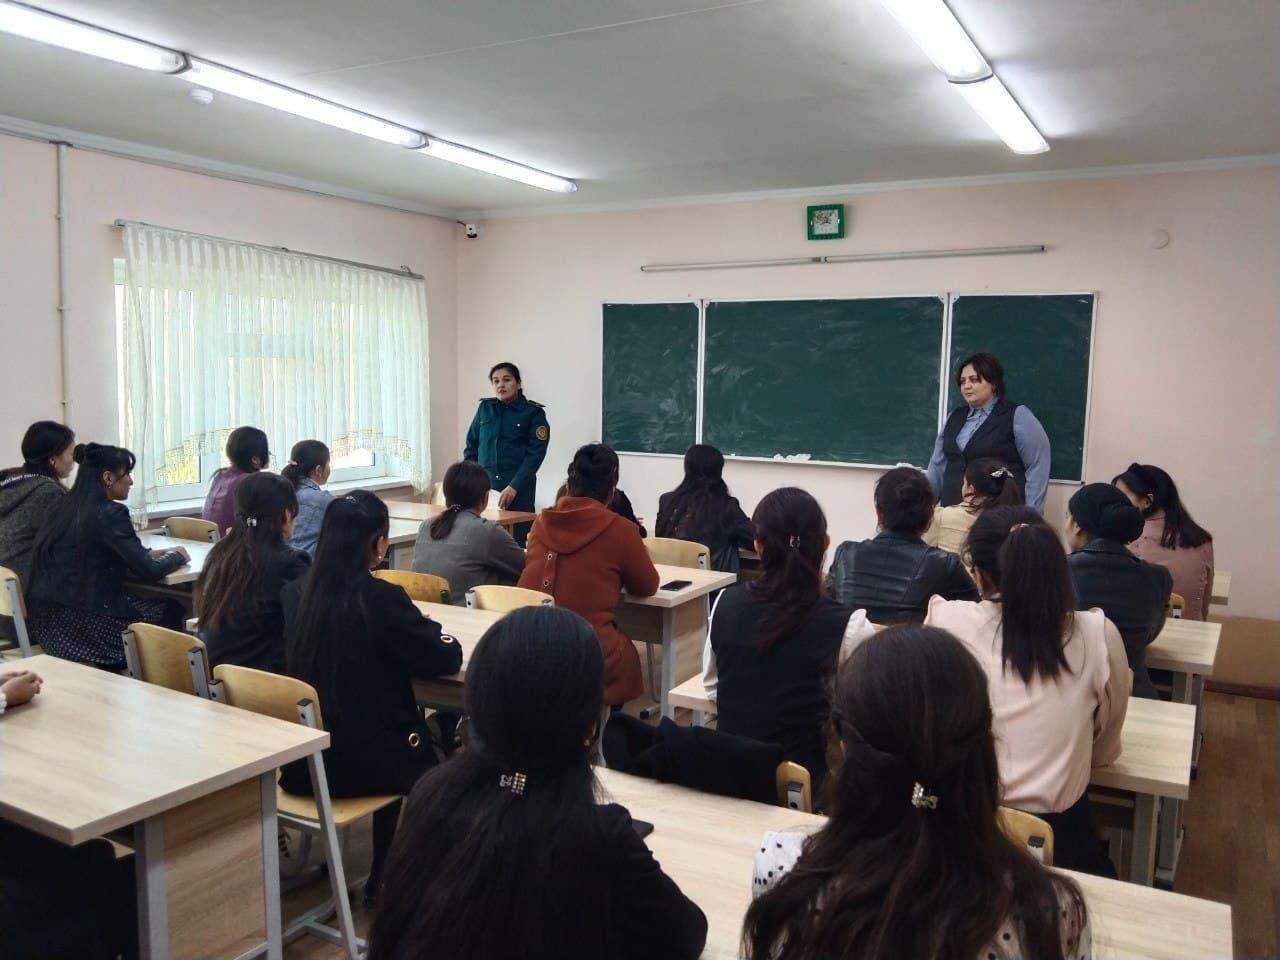 Круглый стол по предотвращению сообщества и правонарушений среди студенческой молодежи